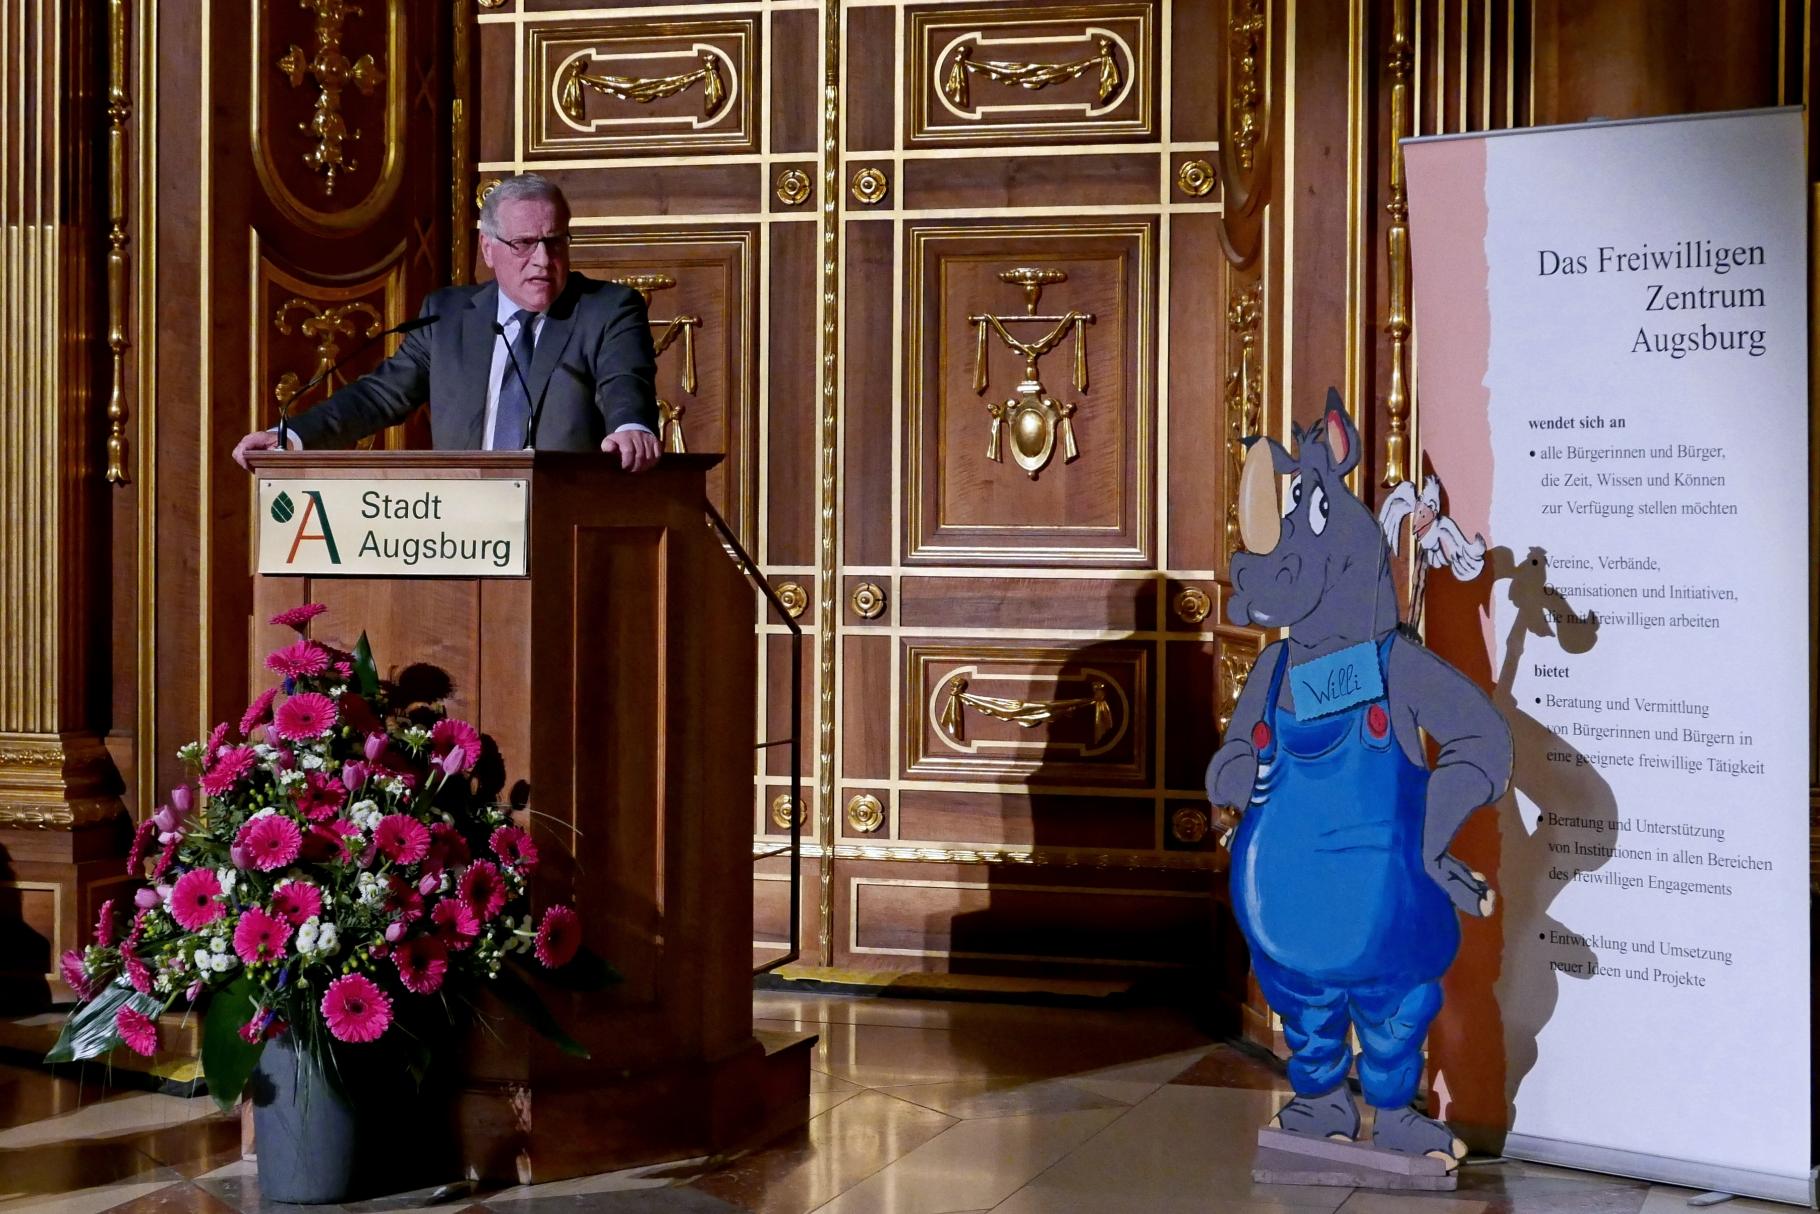 Johannes Hintersberger - Festakt 20 Jahre Freiwilligen-Zentrum Augsburg - 24.03.2017 im Goldenen Saal Rathaus Augsburg - Foto: Christoph Urban